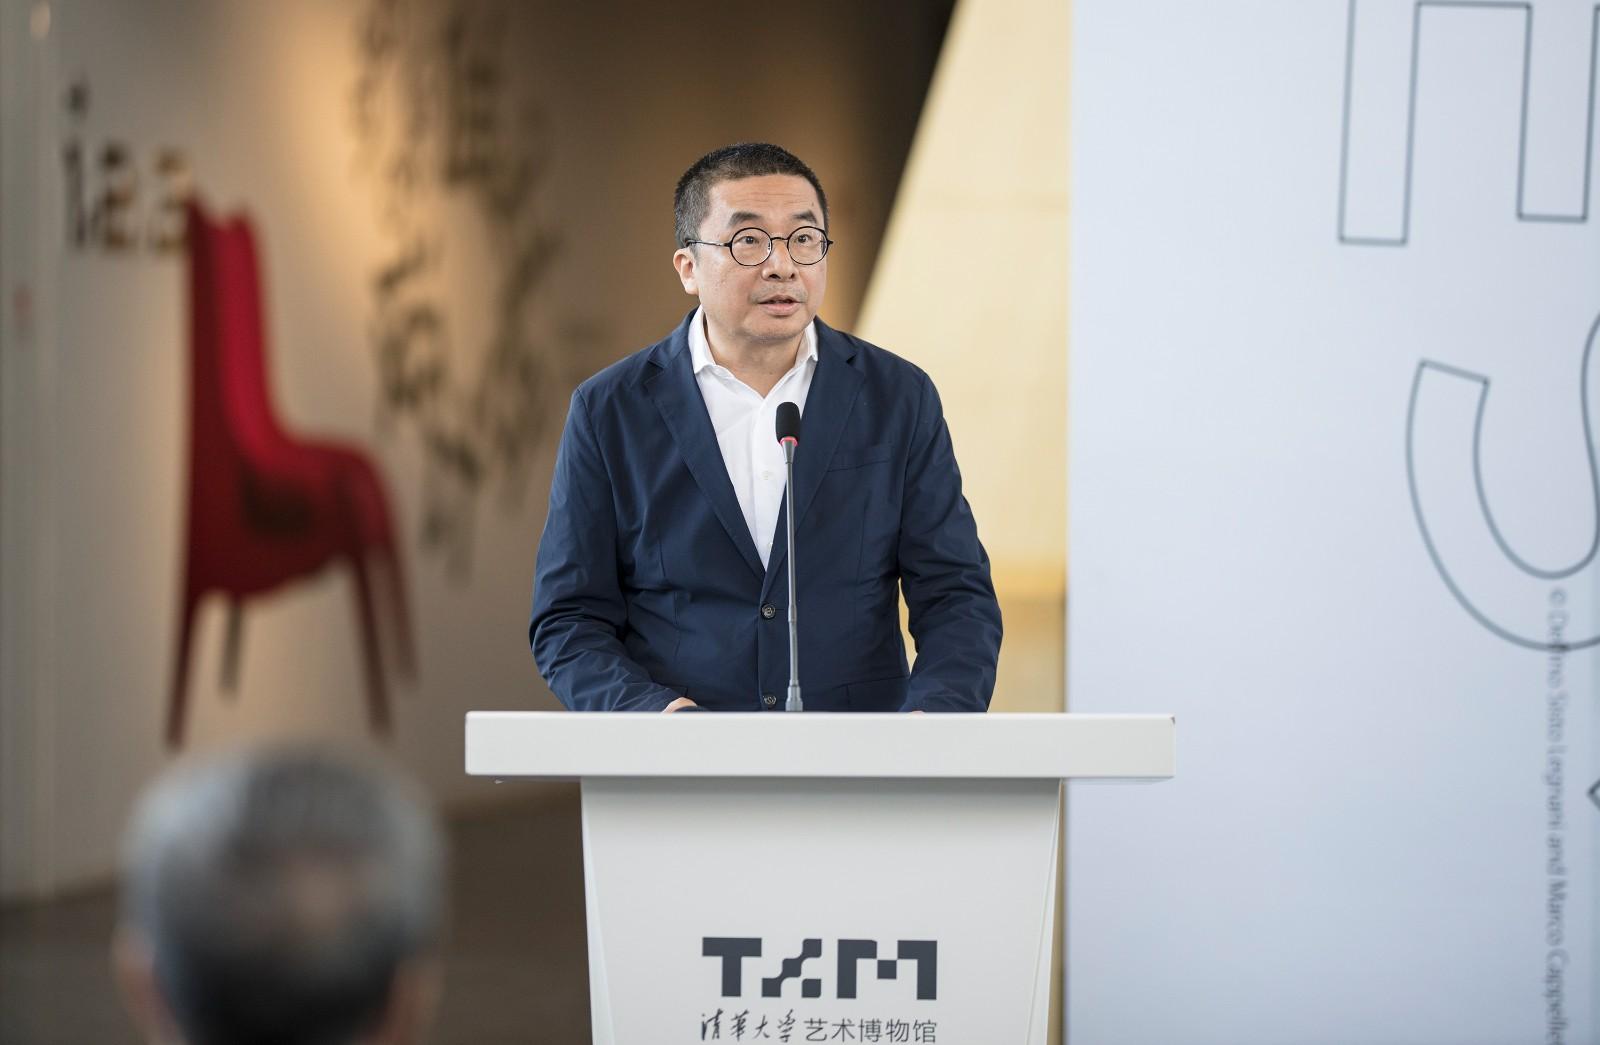 25 清華大學藝術博物館副館長、中方策展人蘇丹致辭.jpg